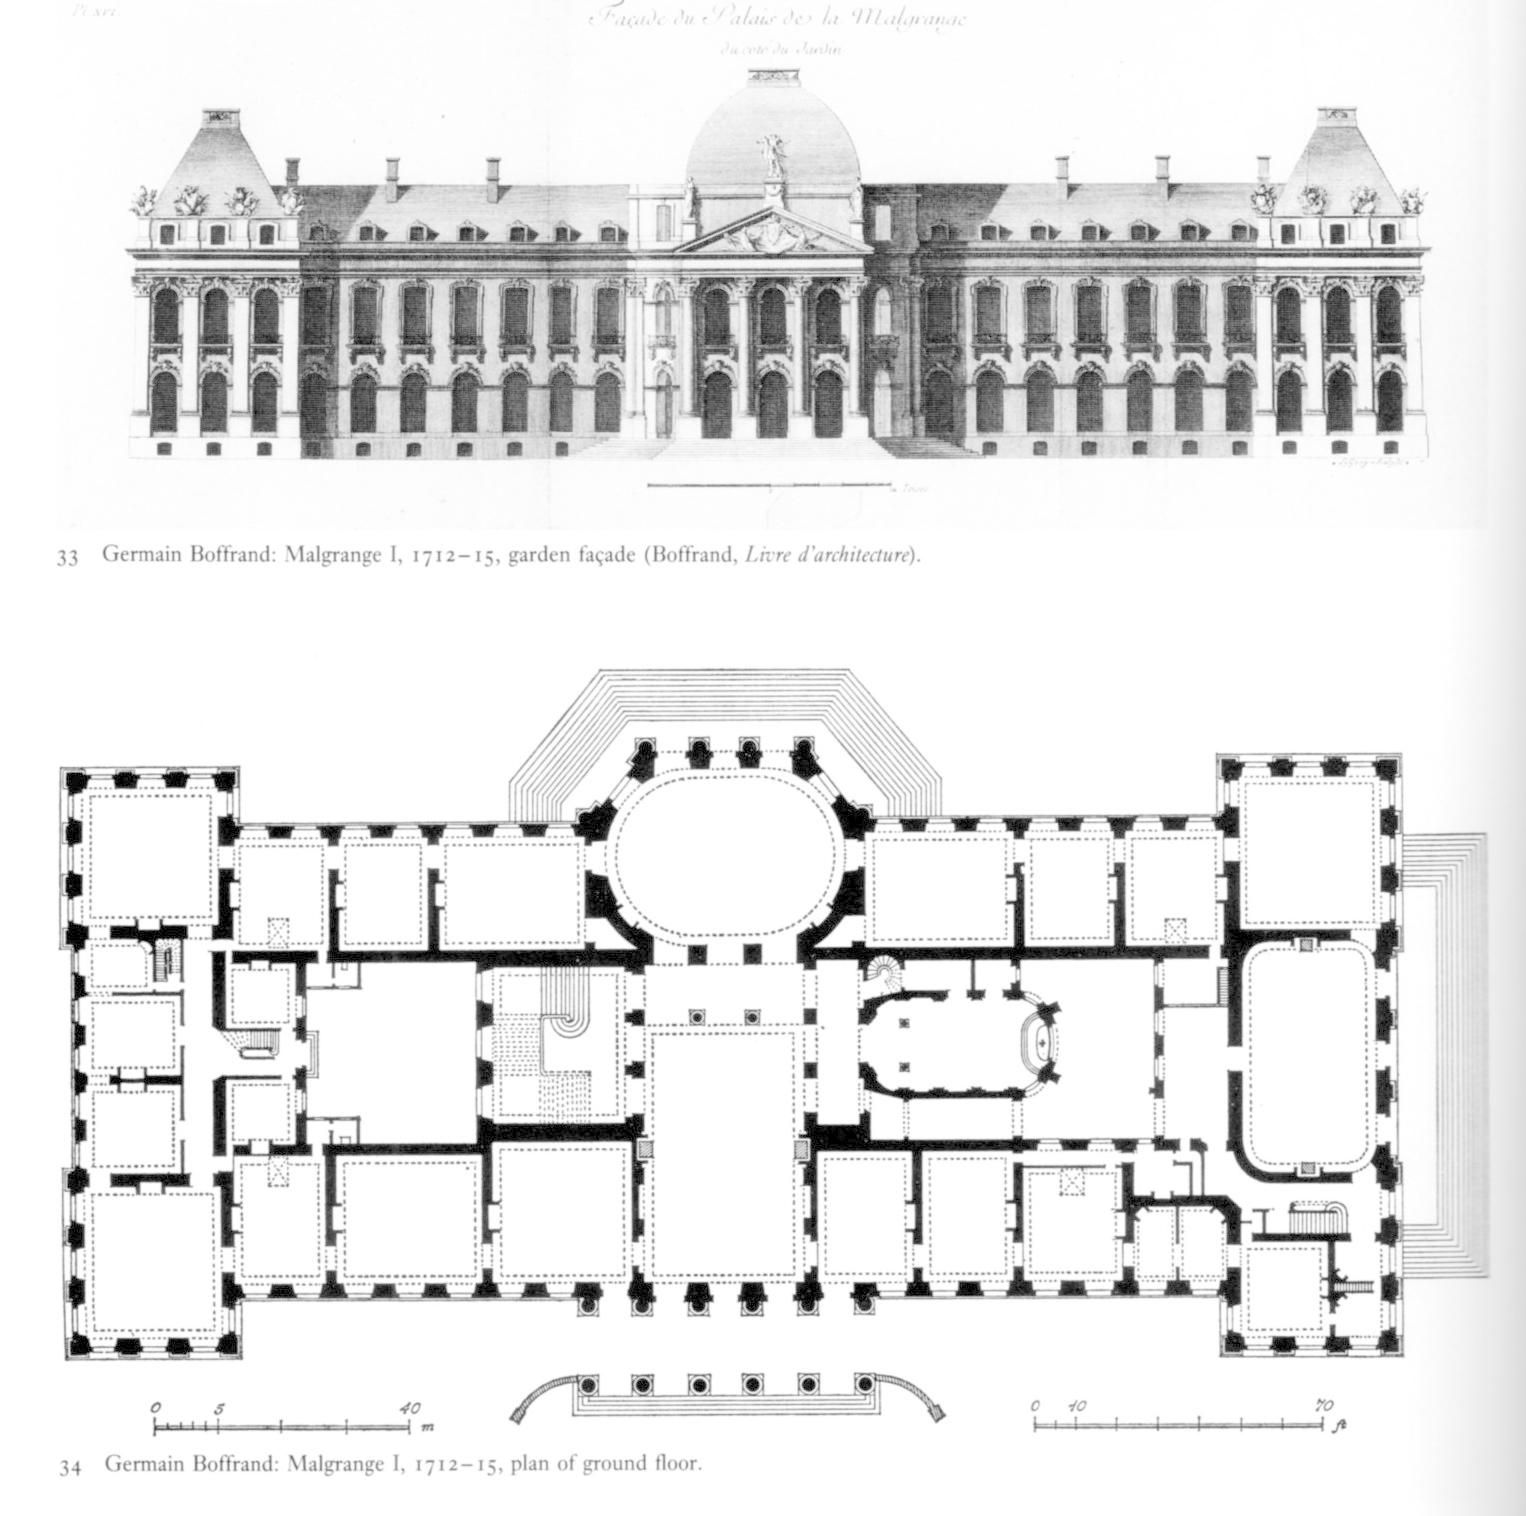 JARVILLE-LA-MALGRANGE (54) - Château (XVIIIe siècle)